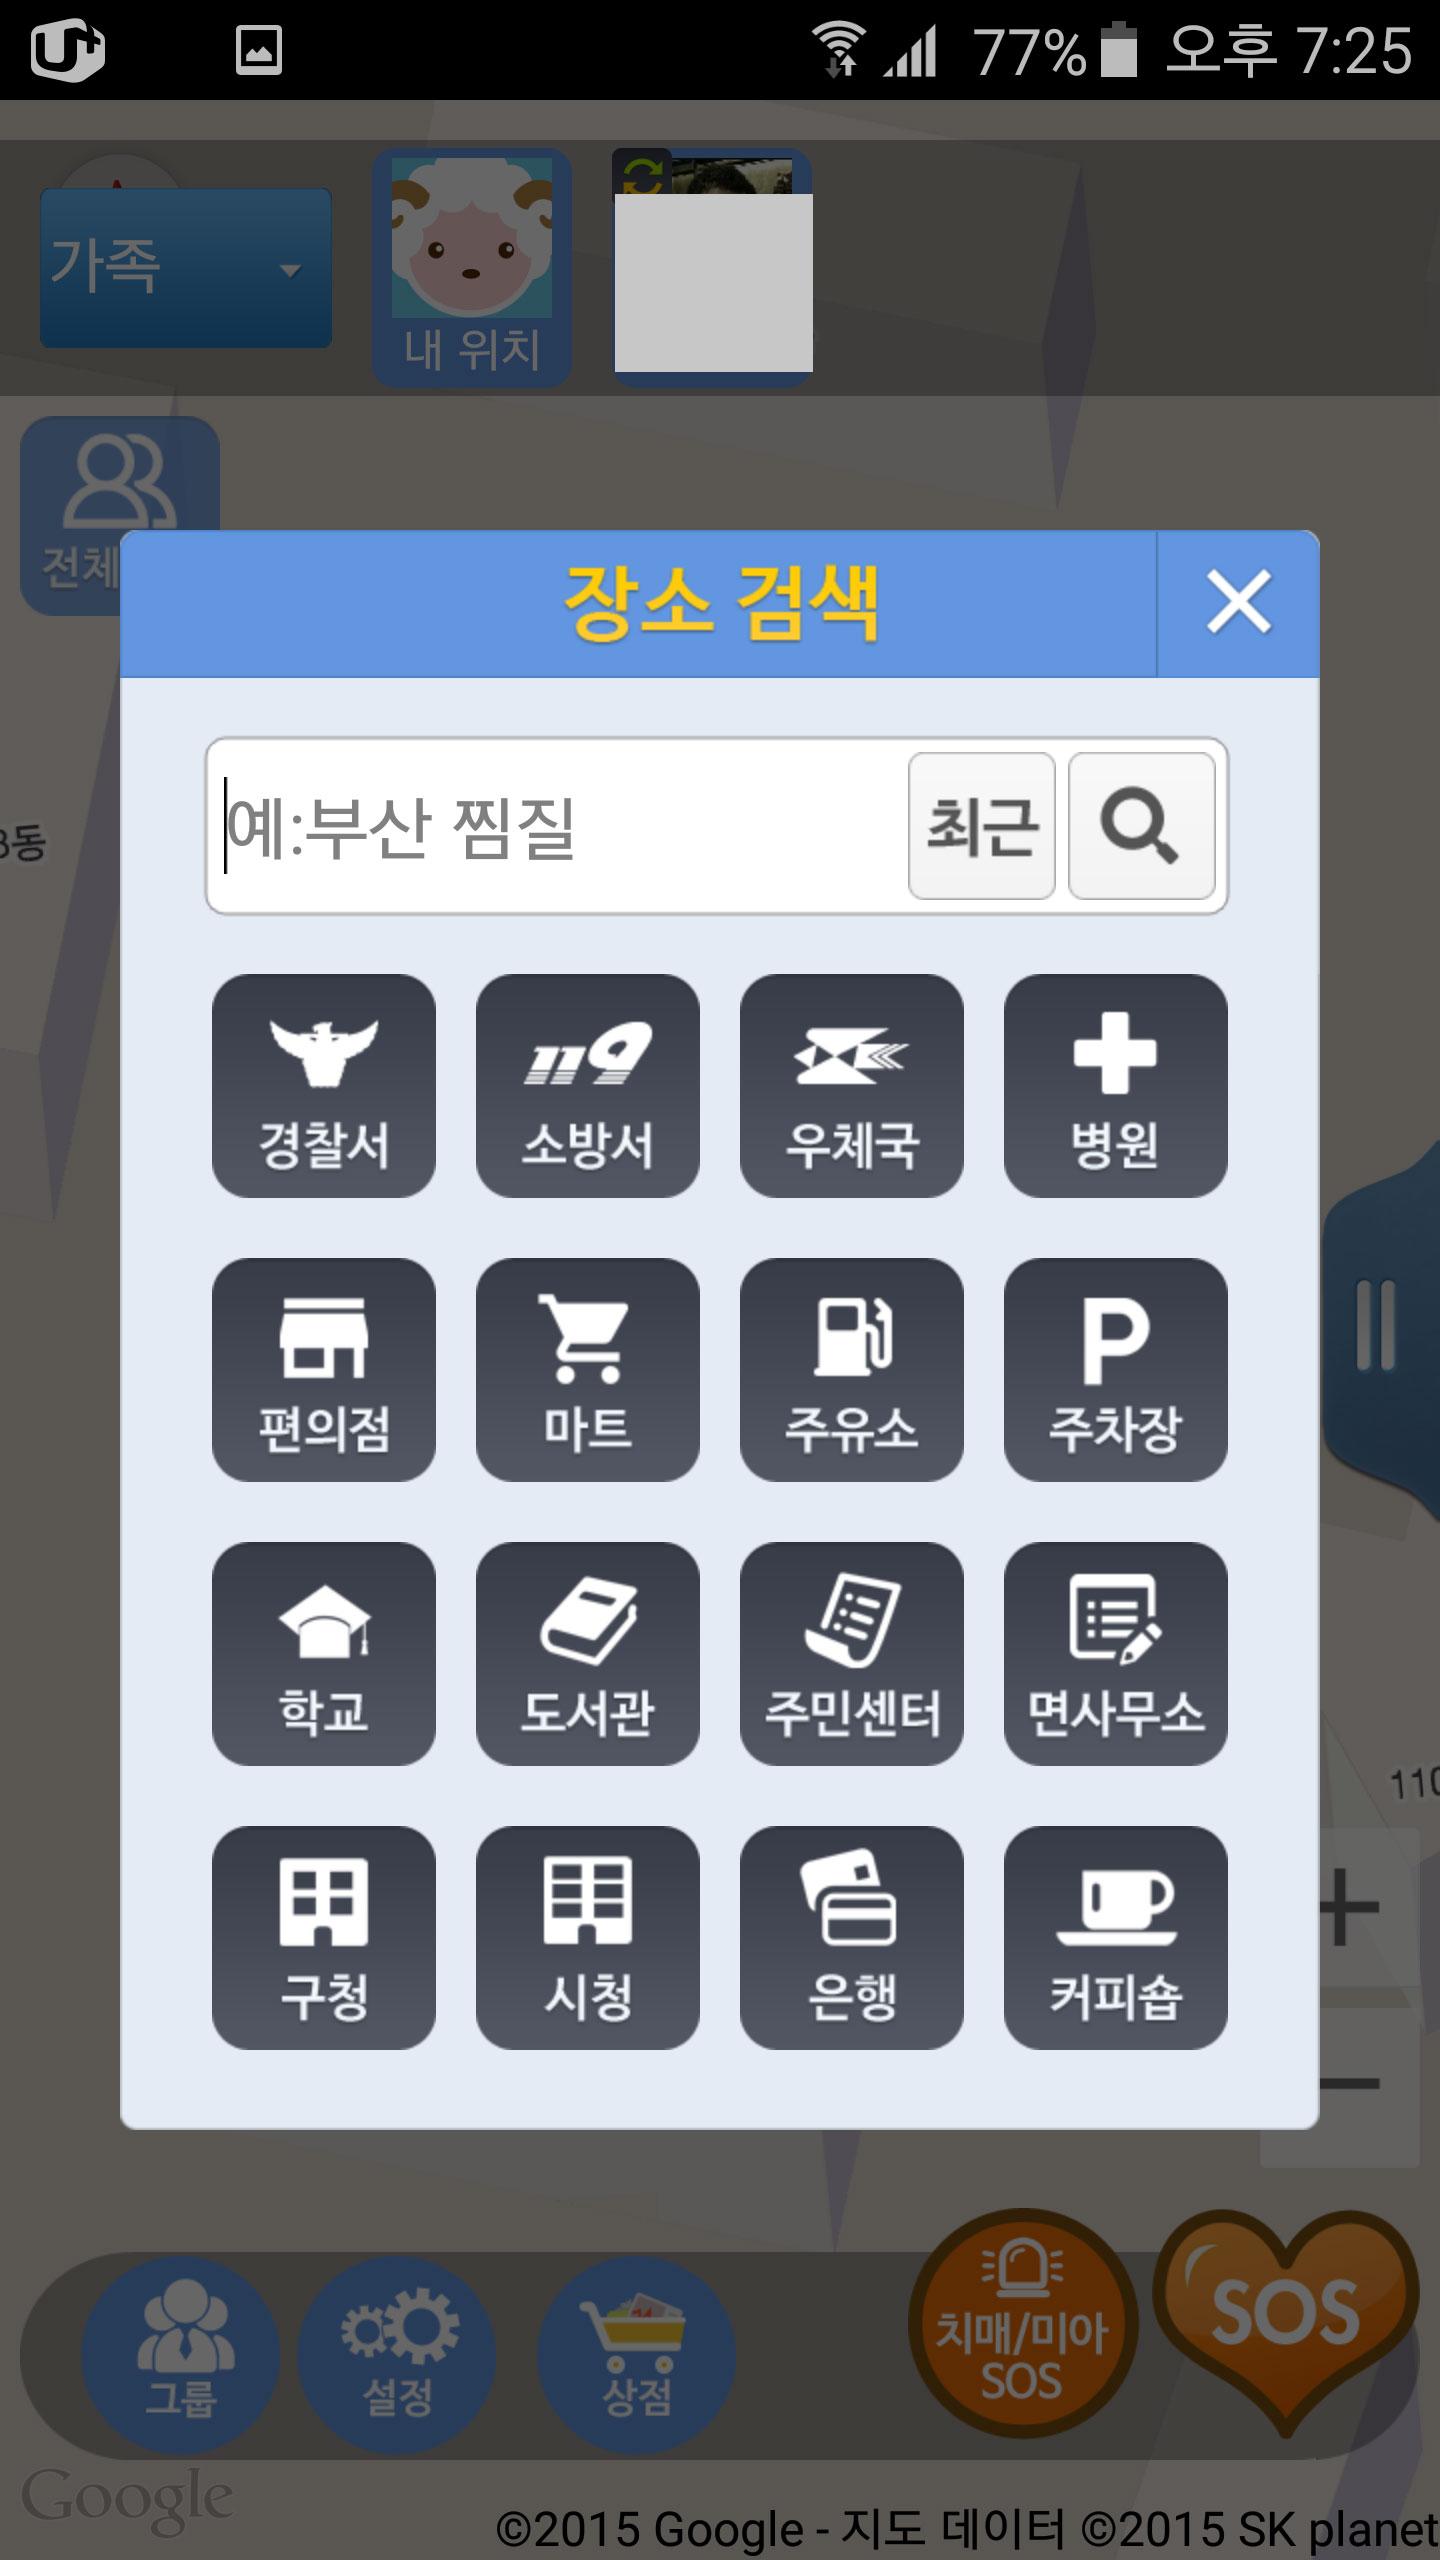 위치추적앱, 헬프존 ,가족 안심귀가, 무료서비스,위치추적,helpzone,IT,어플,어플리뷰,안심귀가,가족,지킴이,가족지킴이,위치추적앱 헬프존을 소개합니다. 가족 안심귀가를 확인하고 위험할 때 SOS를 보낼 수 있고 미아찾기 기능도 가지고 있는 무료서비스 앱 입니다. 물론 유료서비스로 사용하면 좀 더 기능을 더 사용할 수 있습니다. 갤럭시S6에 앱을 설치해봤는데요. 자녀가 있는 분들은 위치추적앱 헬프존을 설치해보는게 좋습니다. 제 경우에는 가족들을 추가해놓고 사용 중 인데요. 가족이 어디에 있는지 그리고 안전한 위치에 있는지 확인할 수 있습니다. 위치추적앱 헬프존 역시 GPS를 기반으로 추적하다보니 약간의 오차는 있지만 위치를 대략이라도 알아낼 수 있다는것은 큰 도움이 됩니다. 유튜브에 사건사고 소식들을 보다보면 초기에 대처가 얼마나 중요한지 알 수가 있는데요. 처음에 바로 신고를 하고 찾으면 찾을 확률이 상당히 높다고 하죠. 시간이 지나면 지날 수 록 찾기 힘들어진다고 합니다. 이 앱에는 진입 이탈을 알려주는 서비스도 있습니다. 아이가 학교에 잘 갔는지 학교에서 나왔는지 알 수 있게 하는데요. 이 앱만 잘 활용해도 상당히 안전해 질 수 있습니다.